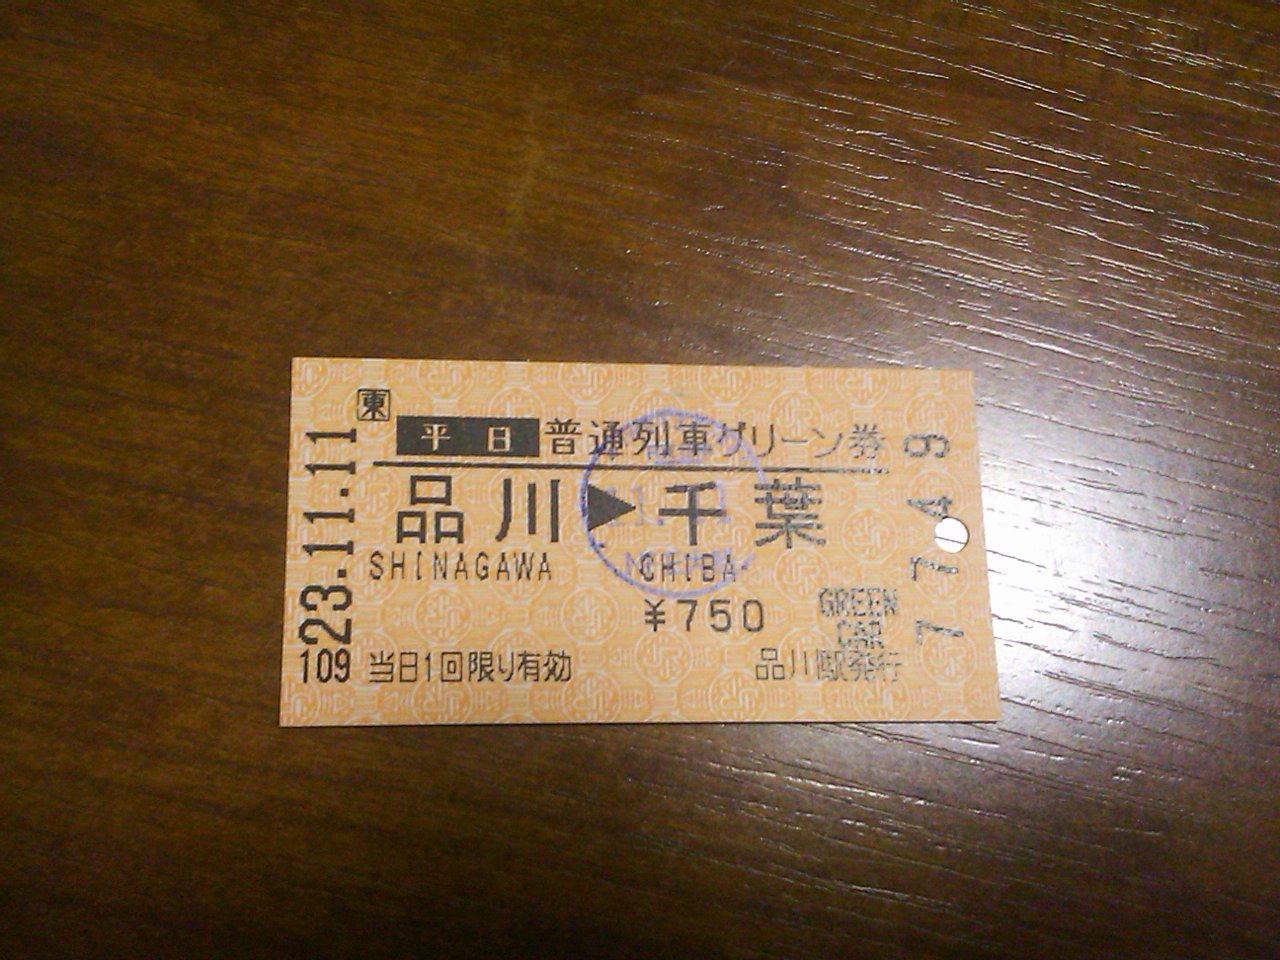 Sn3n0014